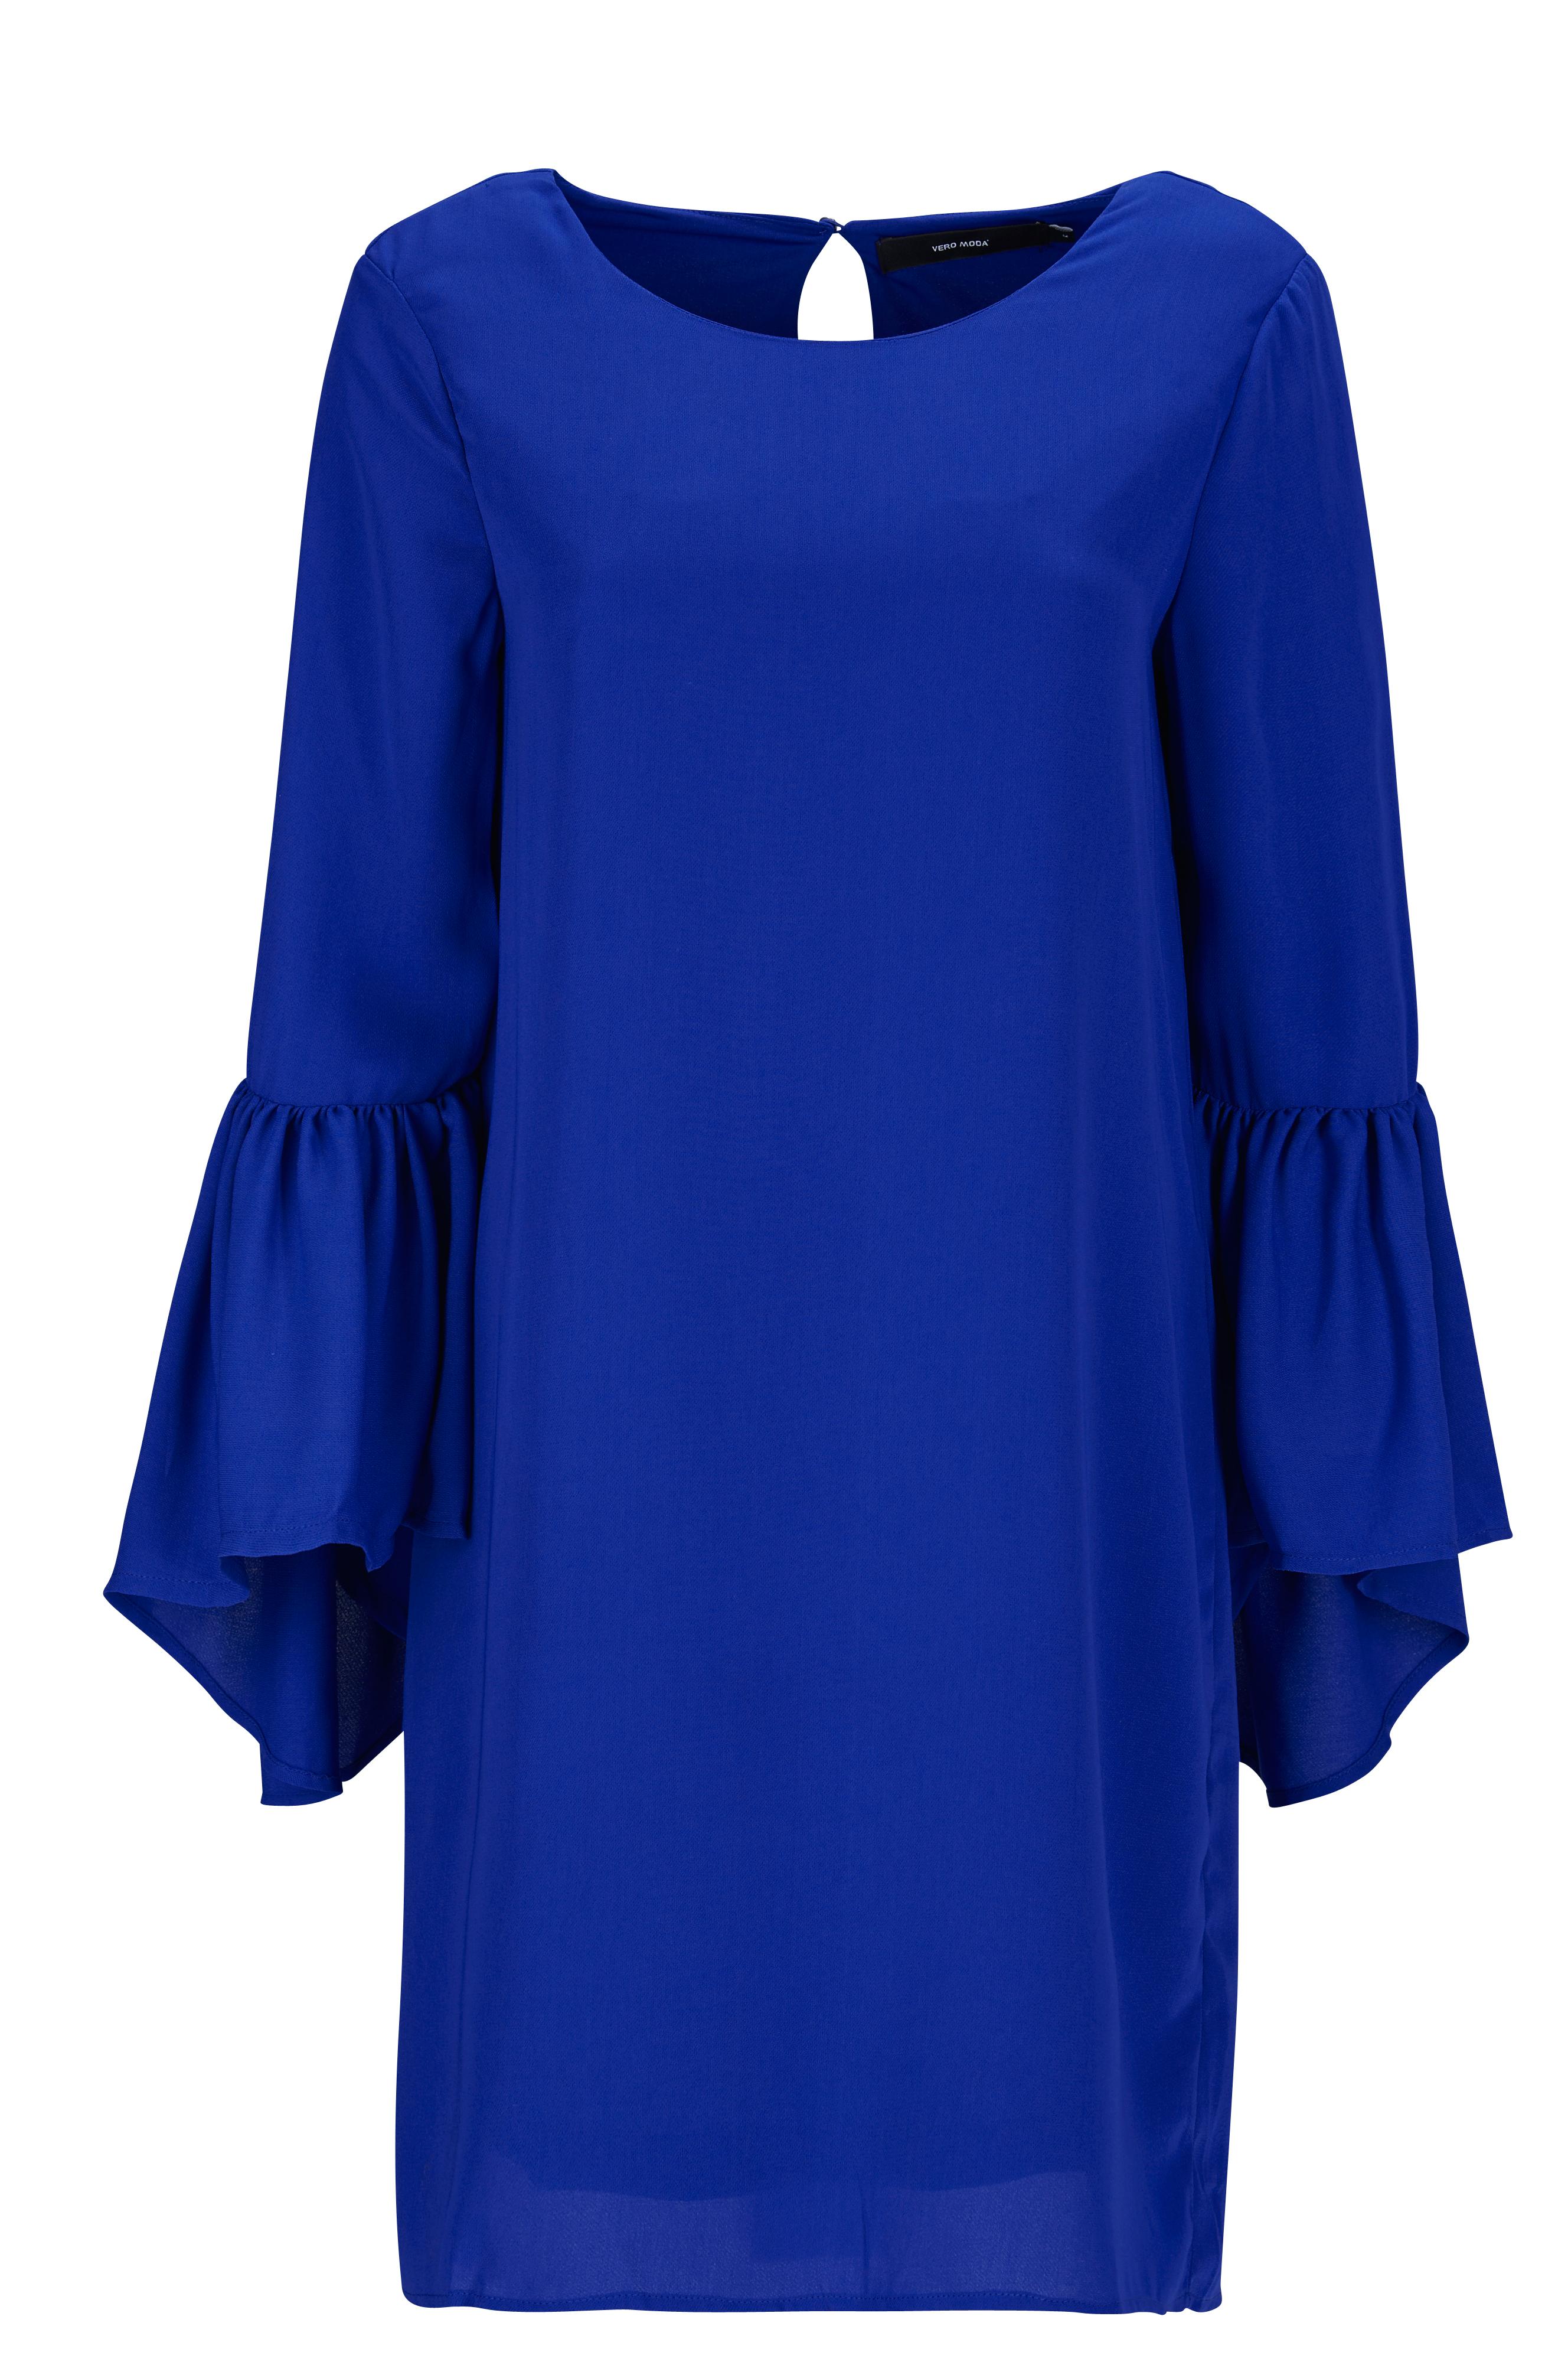 c2a20b06eb75 Vero Moda Klänning VmPerfect 3/4 Short Dress - Blå - Dam - Ellos.se